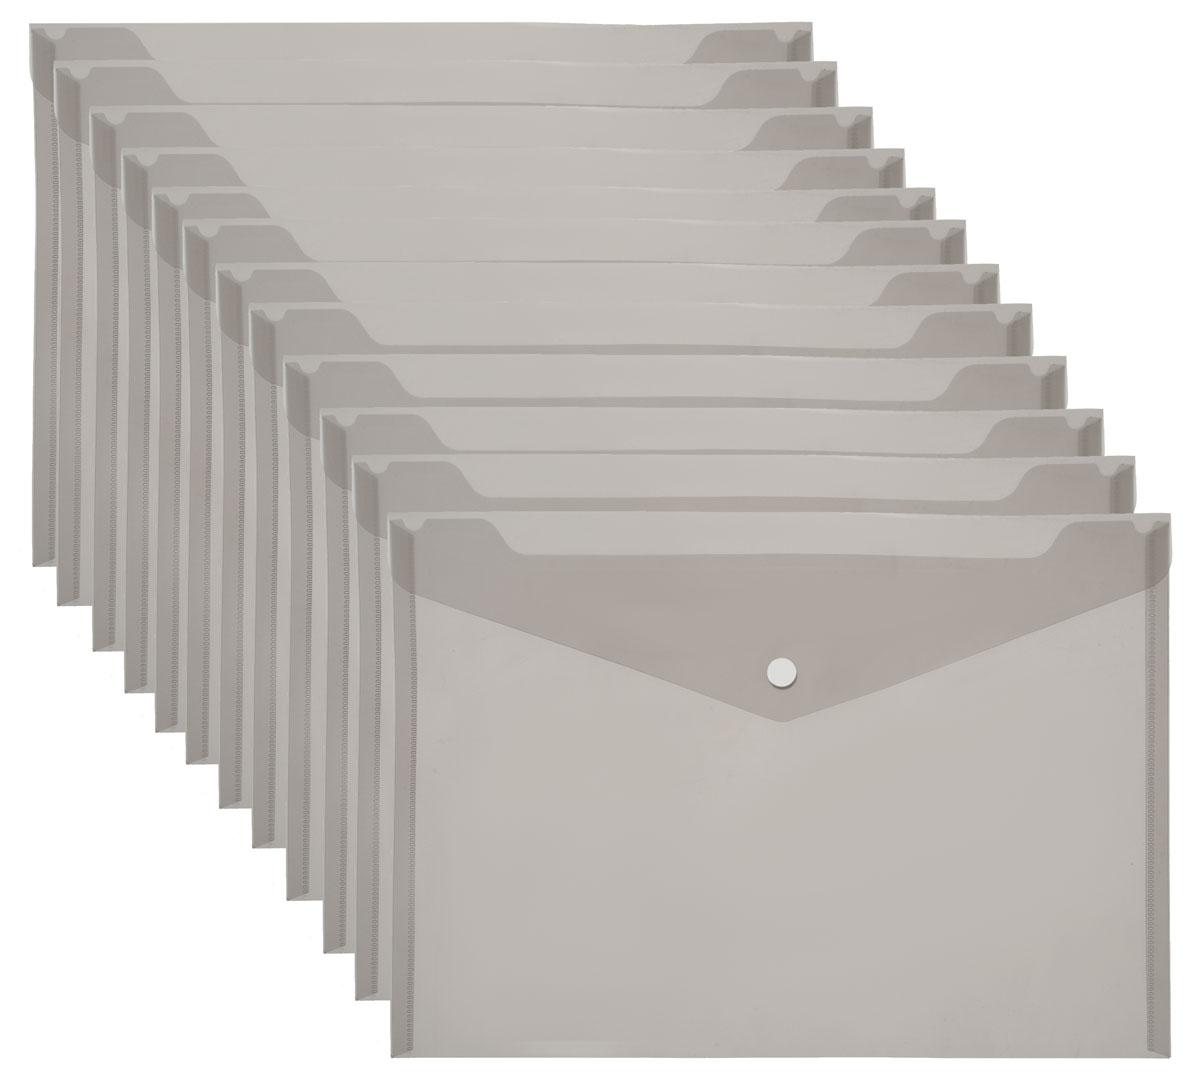 Centrum Папка-конверт на кнопке цвет серый формат A4 12 шт83024О_серыйПапка-конверт Centrum - это удобный и практичный офисный инструмент, предназначенный для хранения и транспортировки рабочих бумаг и документов формата А4. Папка изготовлена из полупрозрачного матового пластика серого цвета. Закрывается на клапан с пластиковой кнопкой. В комплект входят 12 папок формата А4. Папка - это незаменимый атрибут для студента, школьника, офисного работника. Такая папка надежно сохранит ваши документы и сбережет их от повреждений, пыли и влаги.